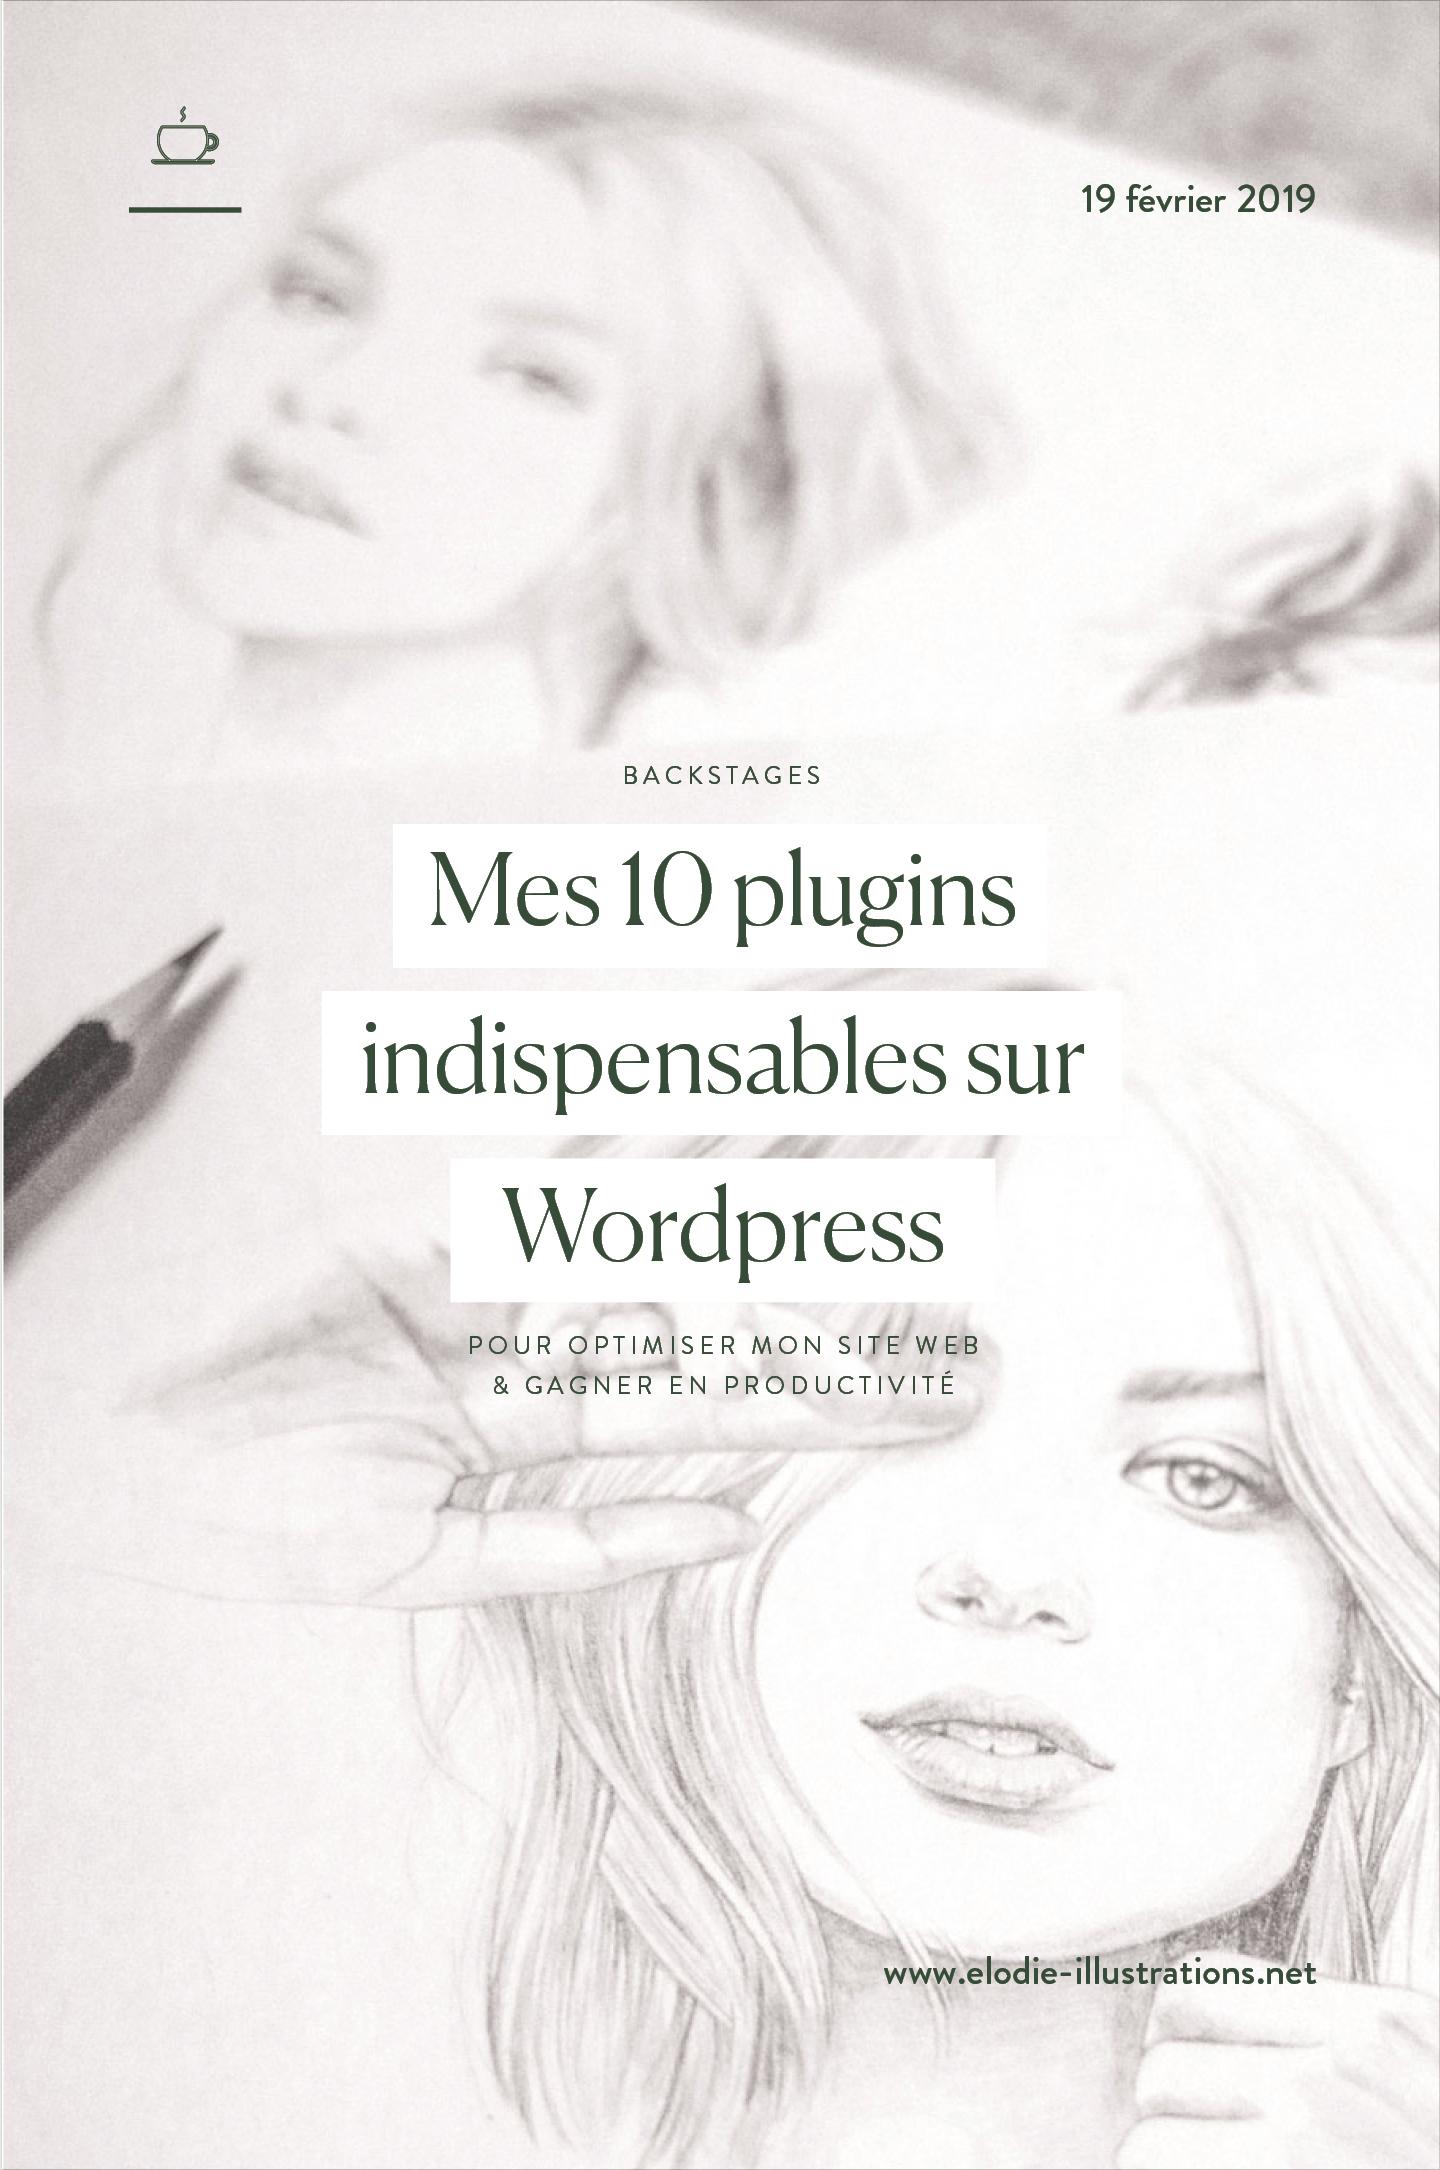 Mes 10 plugins indispensables sur Wordpress pour optimiser mon site et gagner en productivité   Cliquez pour découvrir l'article